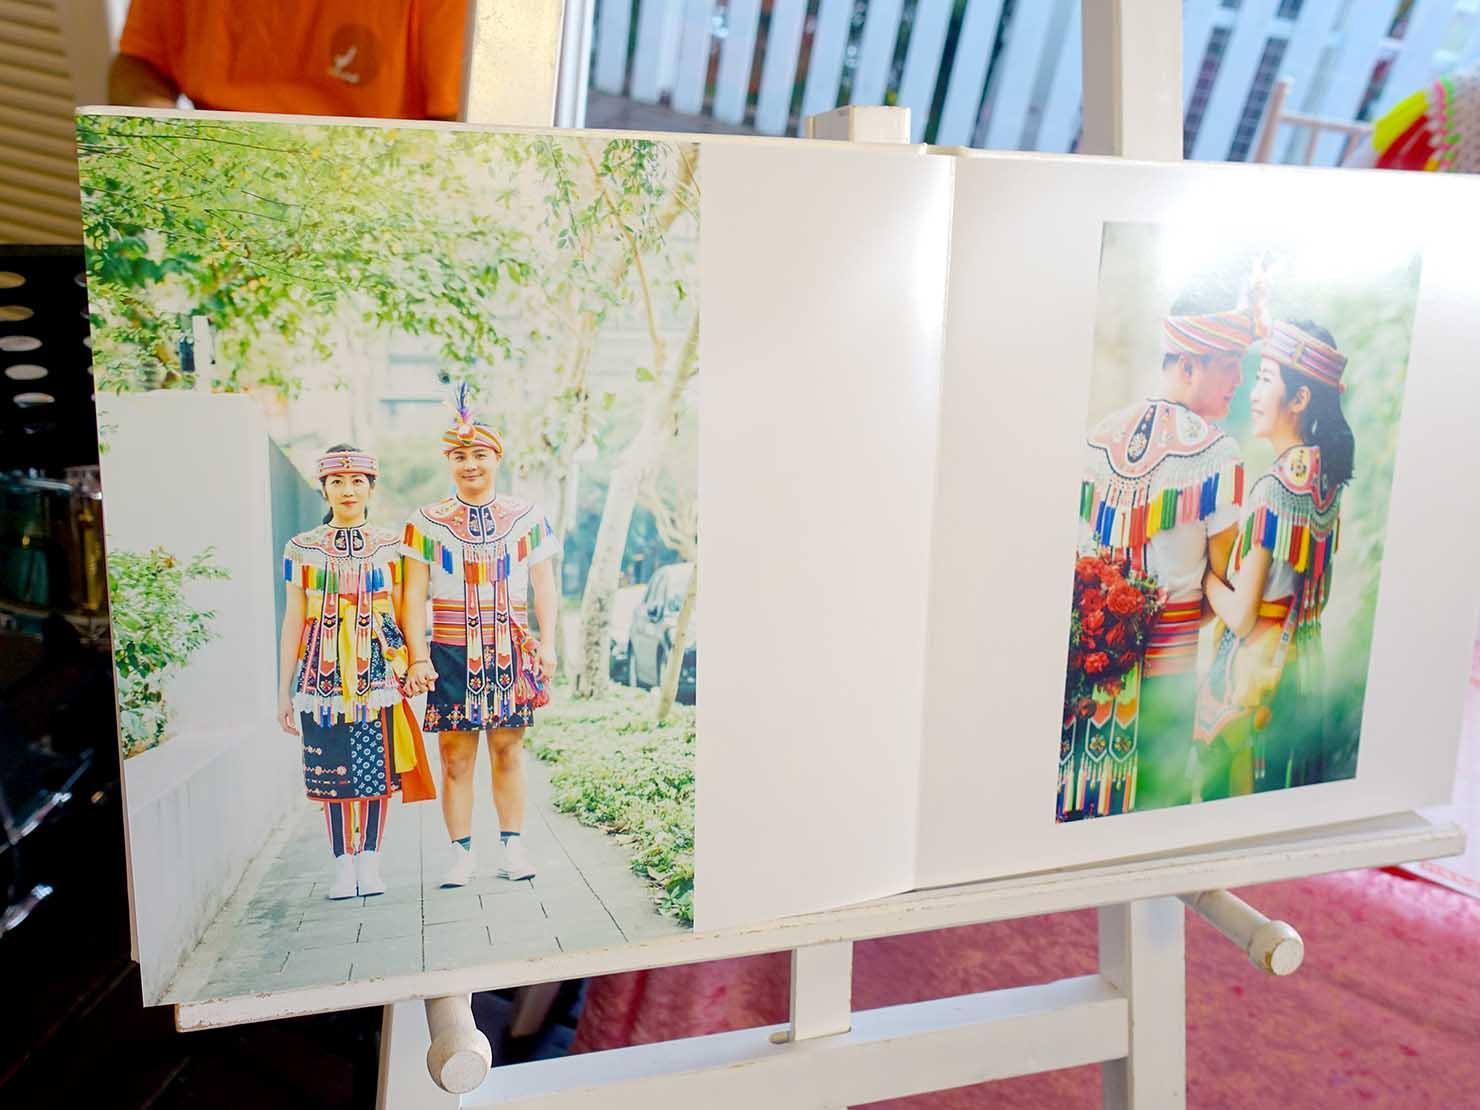 台湾の結婚記念写真「婚紗」に原住民族・阿美族(アミ族)の衣装で臨む新郎新婦